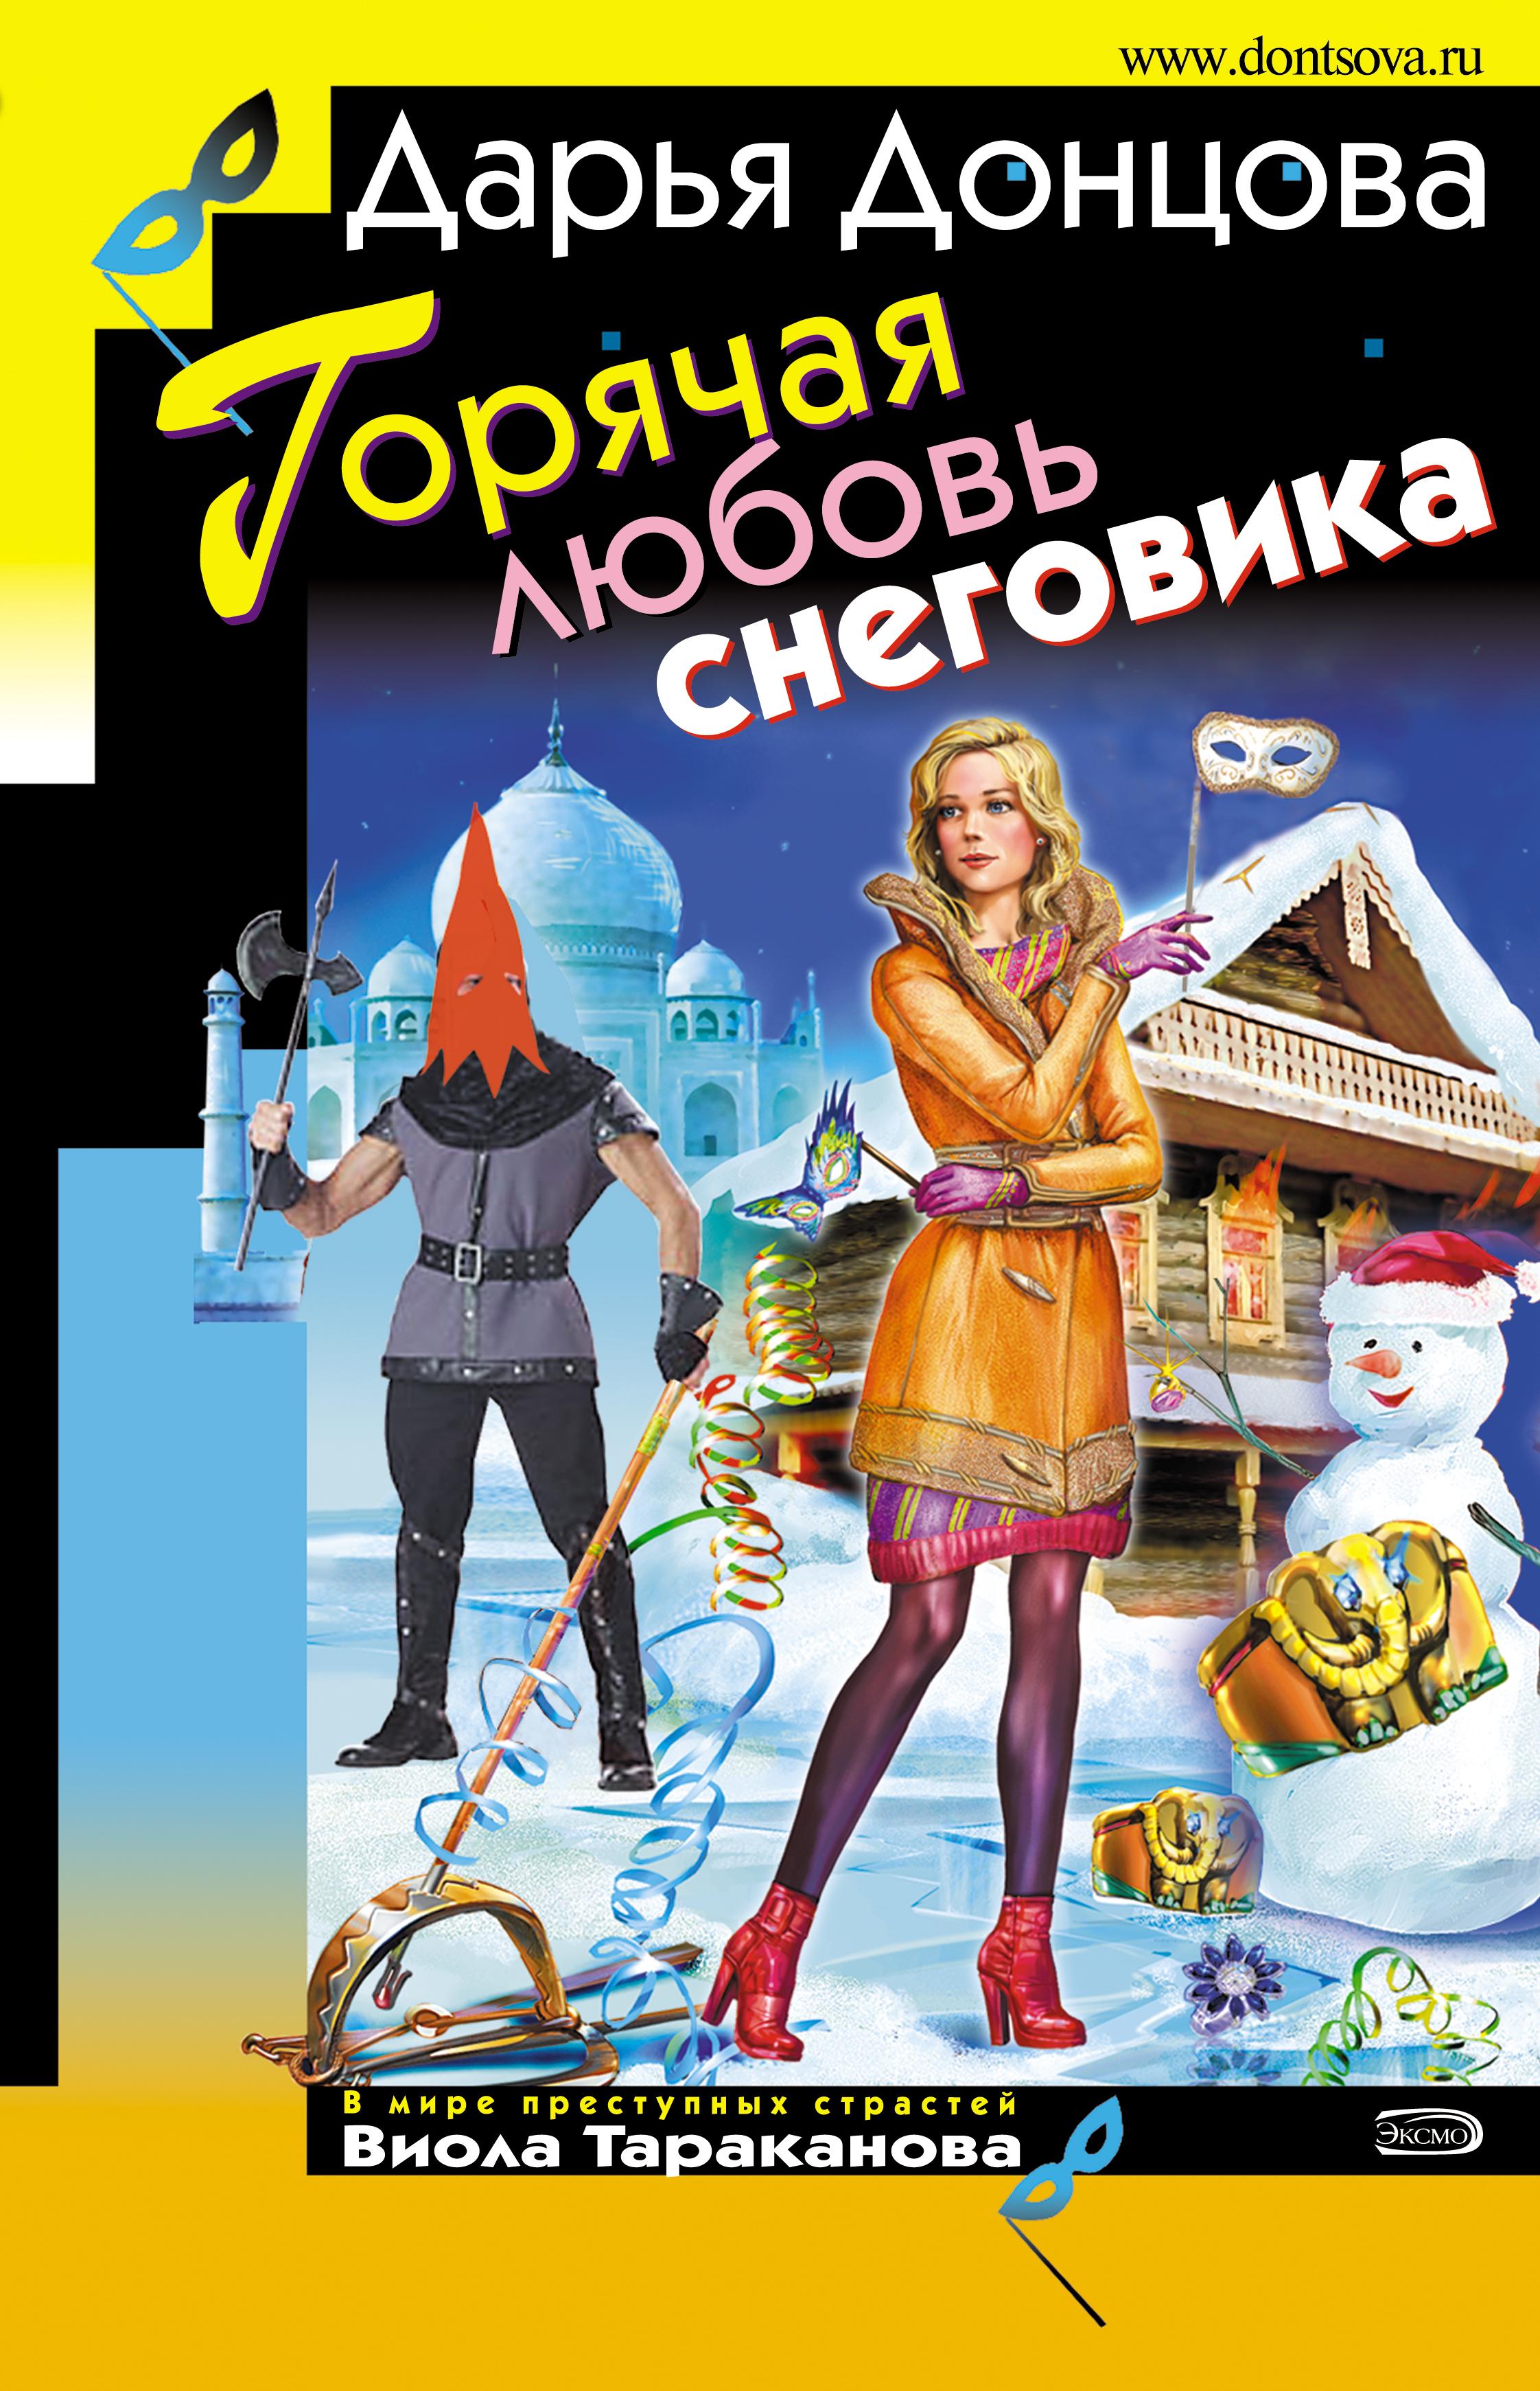 Горячая любовь снеговика ( Дарья Донцова  )